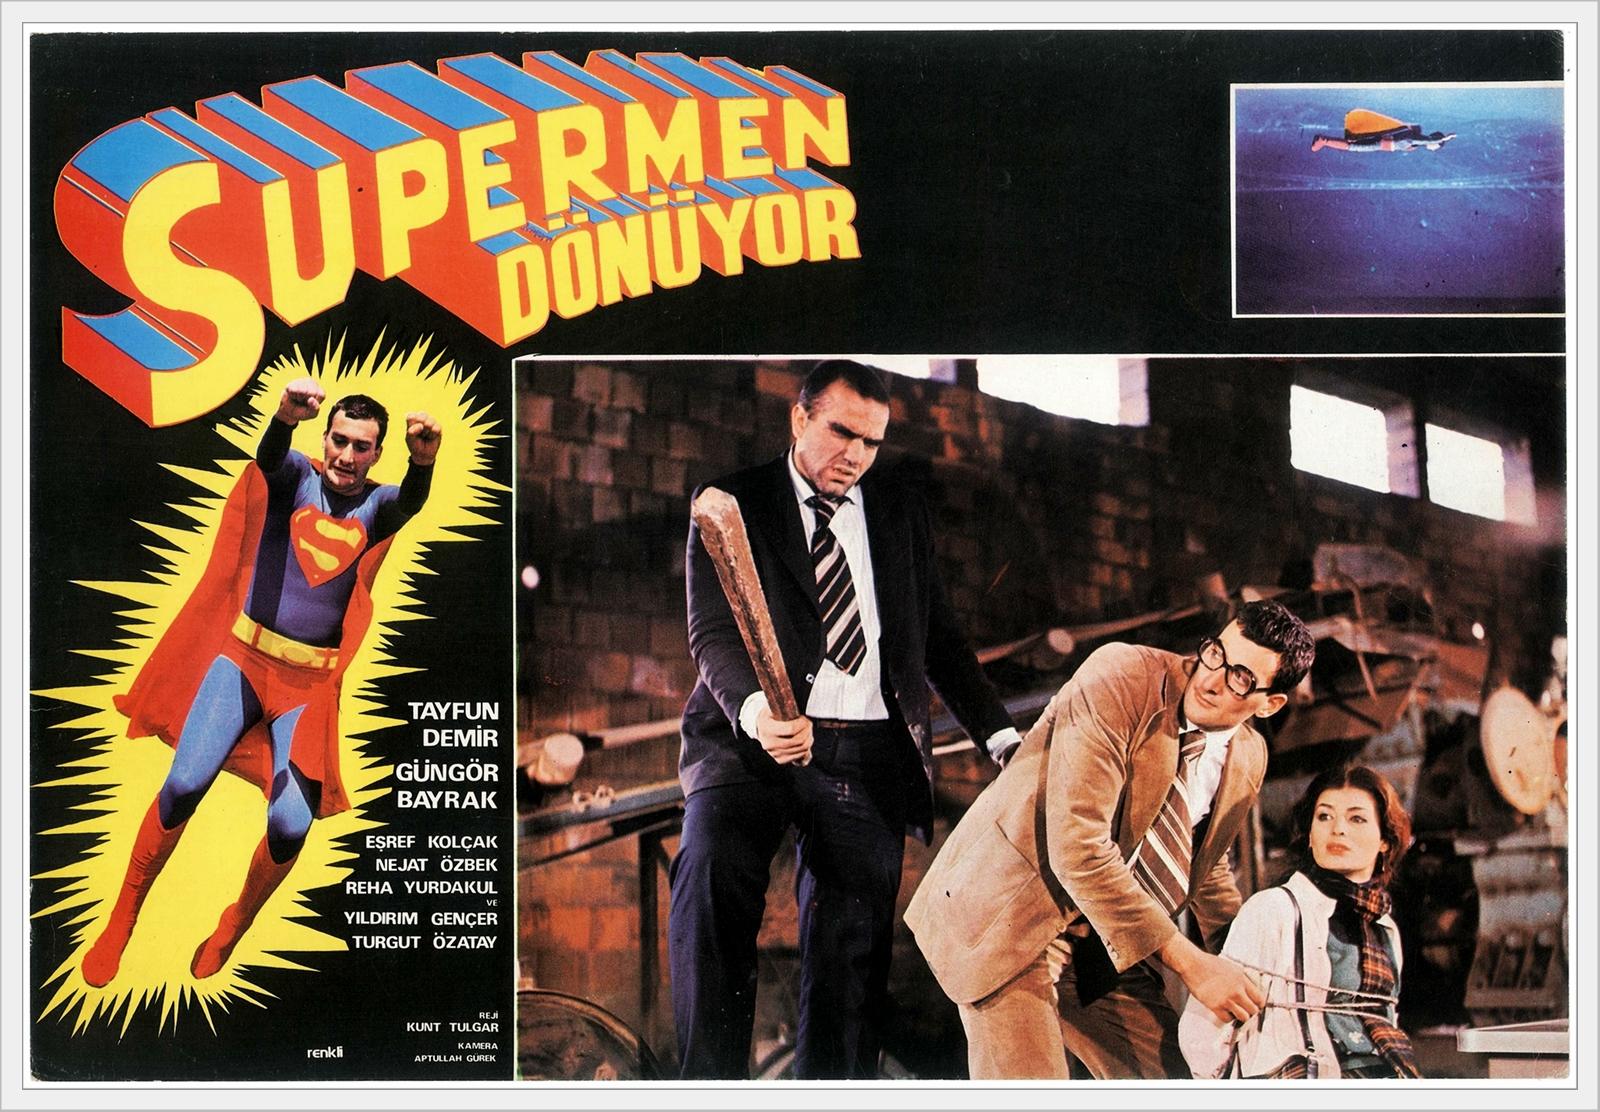 Süpermen Dönüyor004